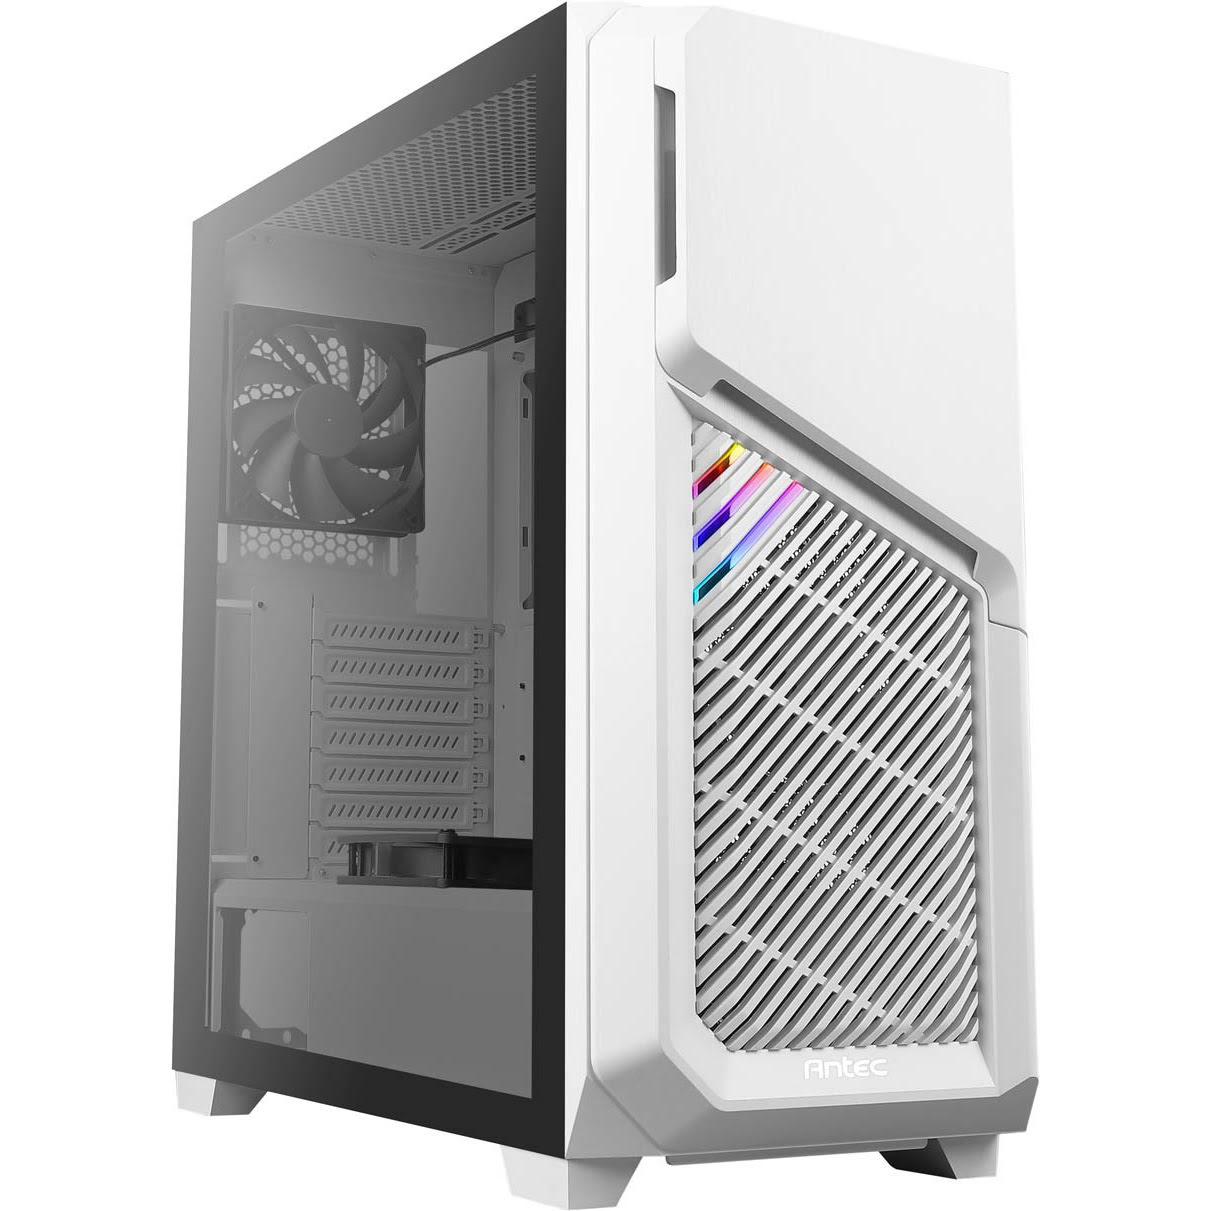 BOÎTIER PC ANTEC DP502 FLUX WHITE